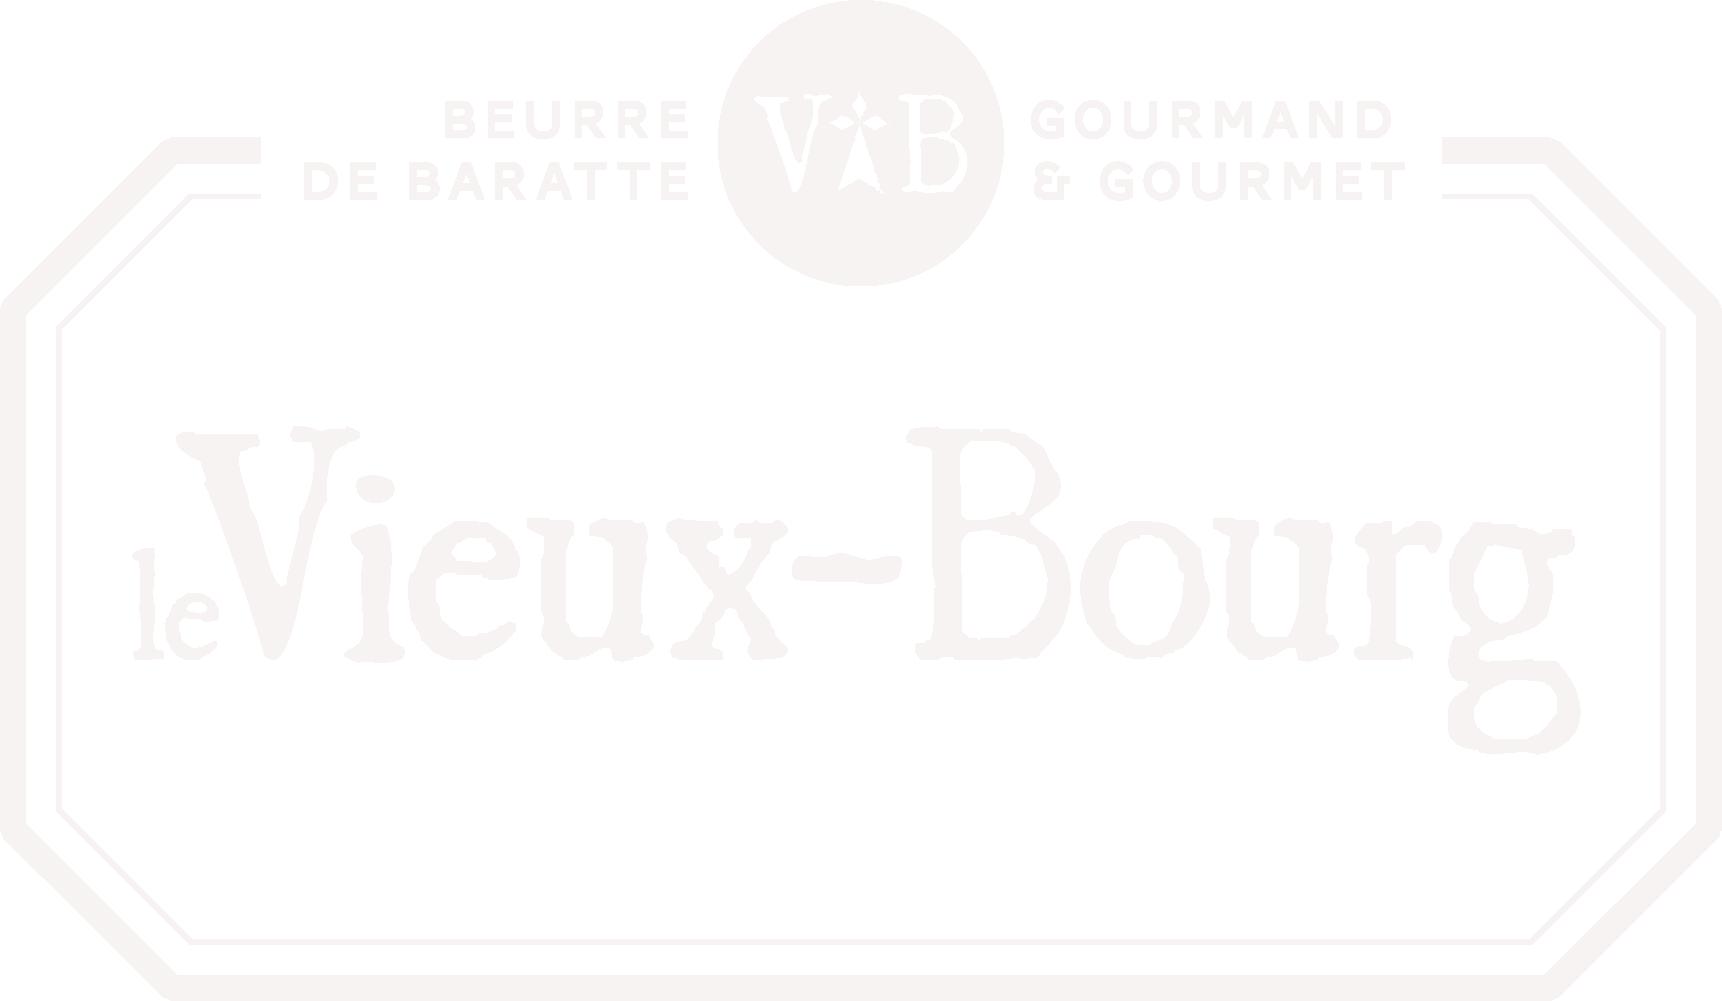 Logo Le vieux bourg clair